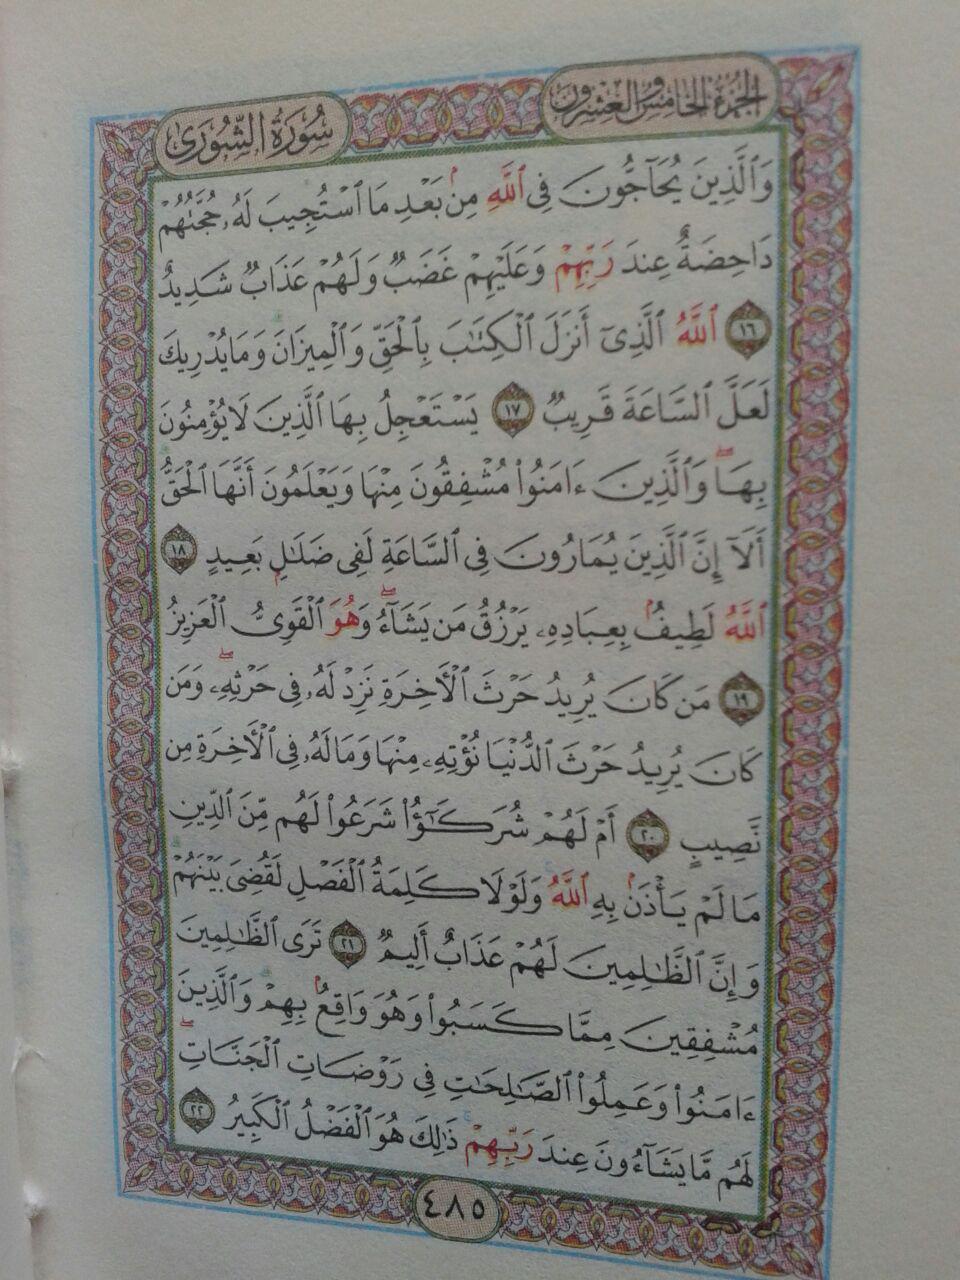 Al-Qur'an Impor Ukuran Saku Kecil Resleting isi